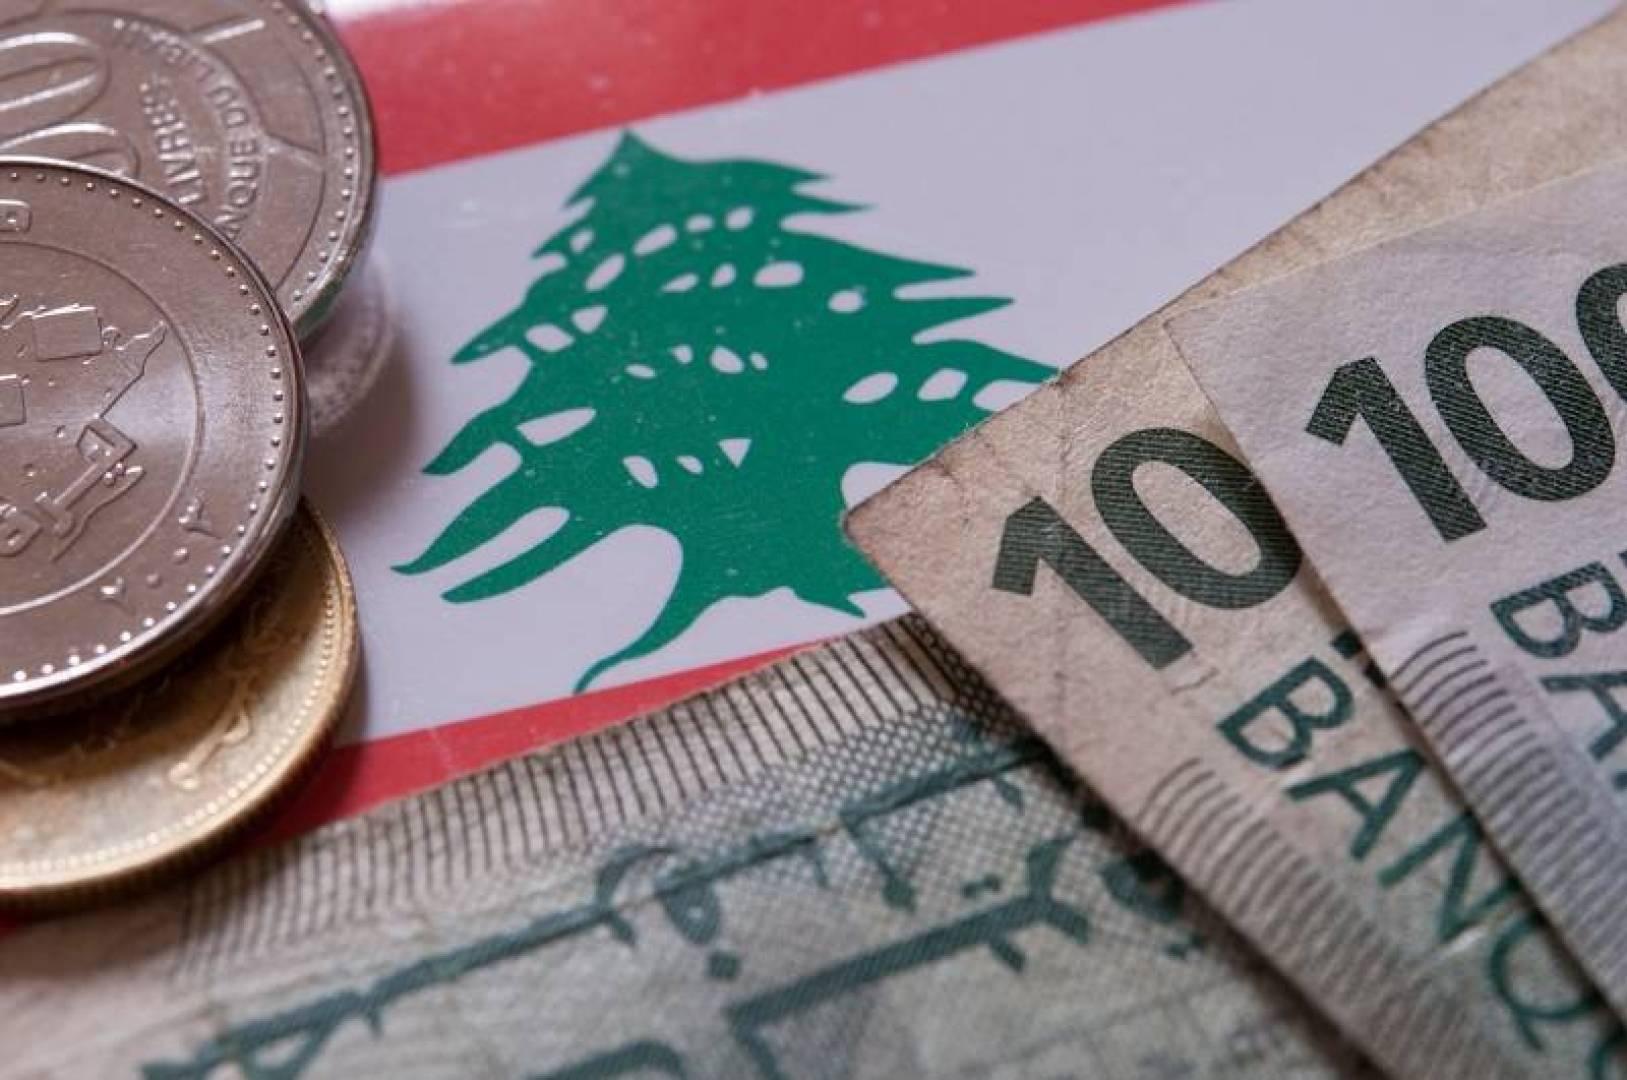 جمعية المصارف اللبنانية: الوضع خطير وقد نضطر إلى الإغلاق